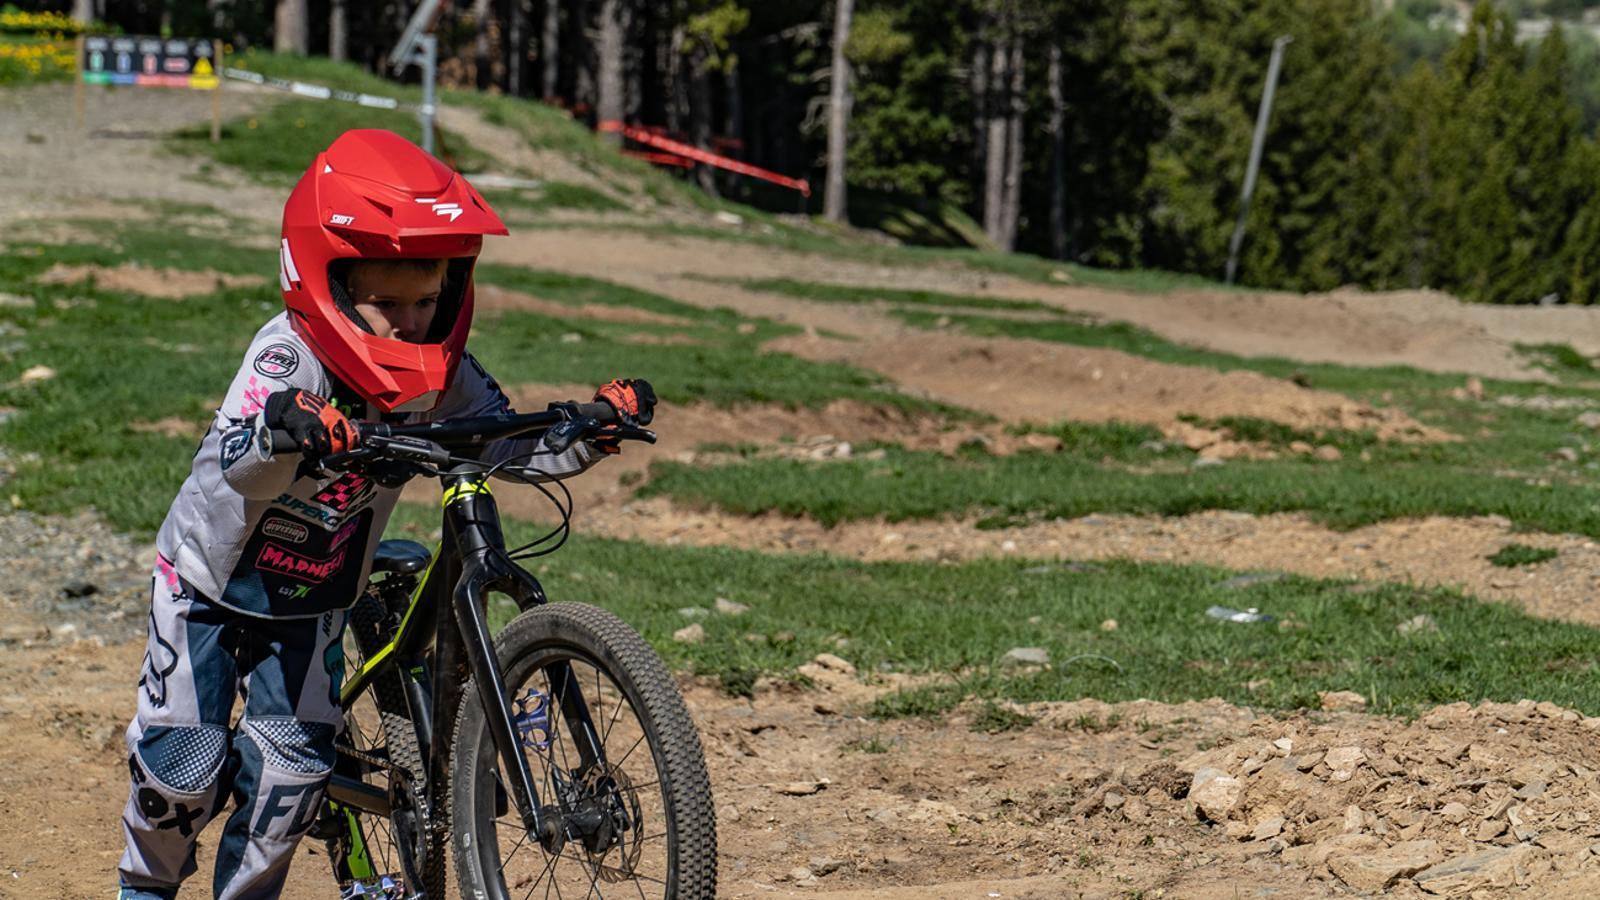 Balanç de la temporada d'estiu del Bike Park de Vallnord Pal Arinsal. / VALLNORD